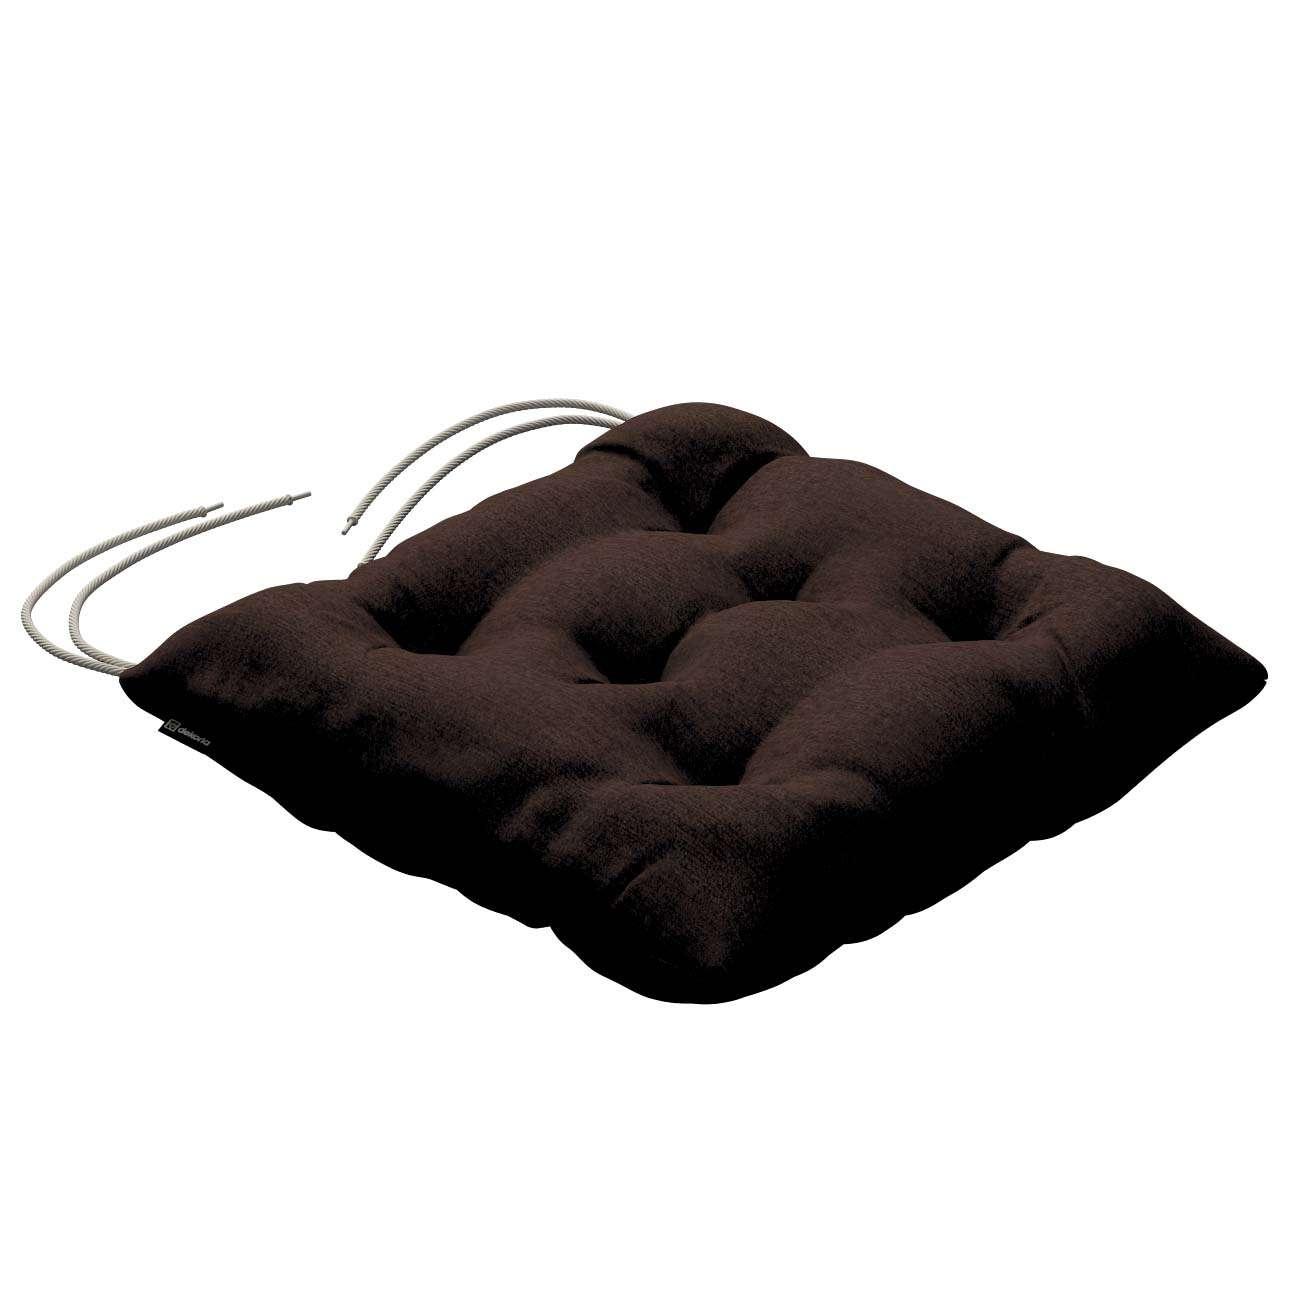 Siedzisko Jacek na krzesło 38x38x8cm w kolekcji Chenille, tkanina: 702-18